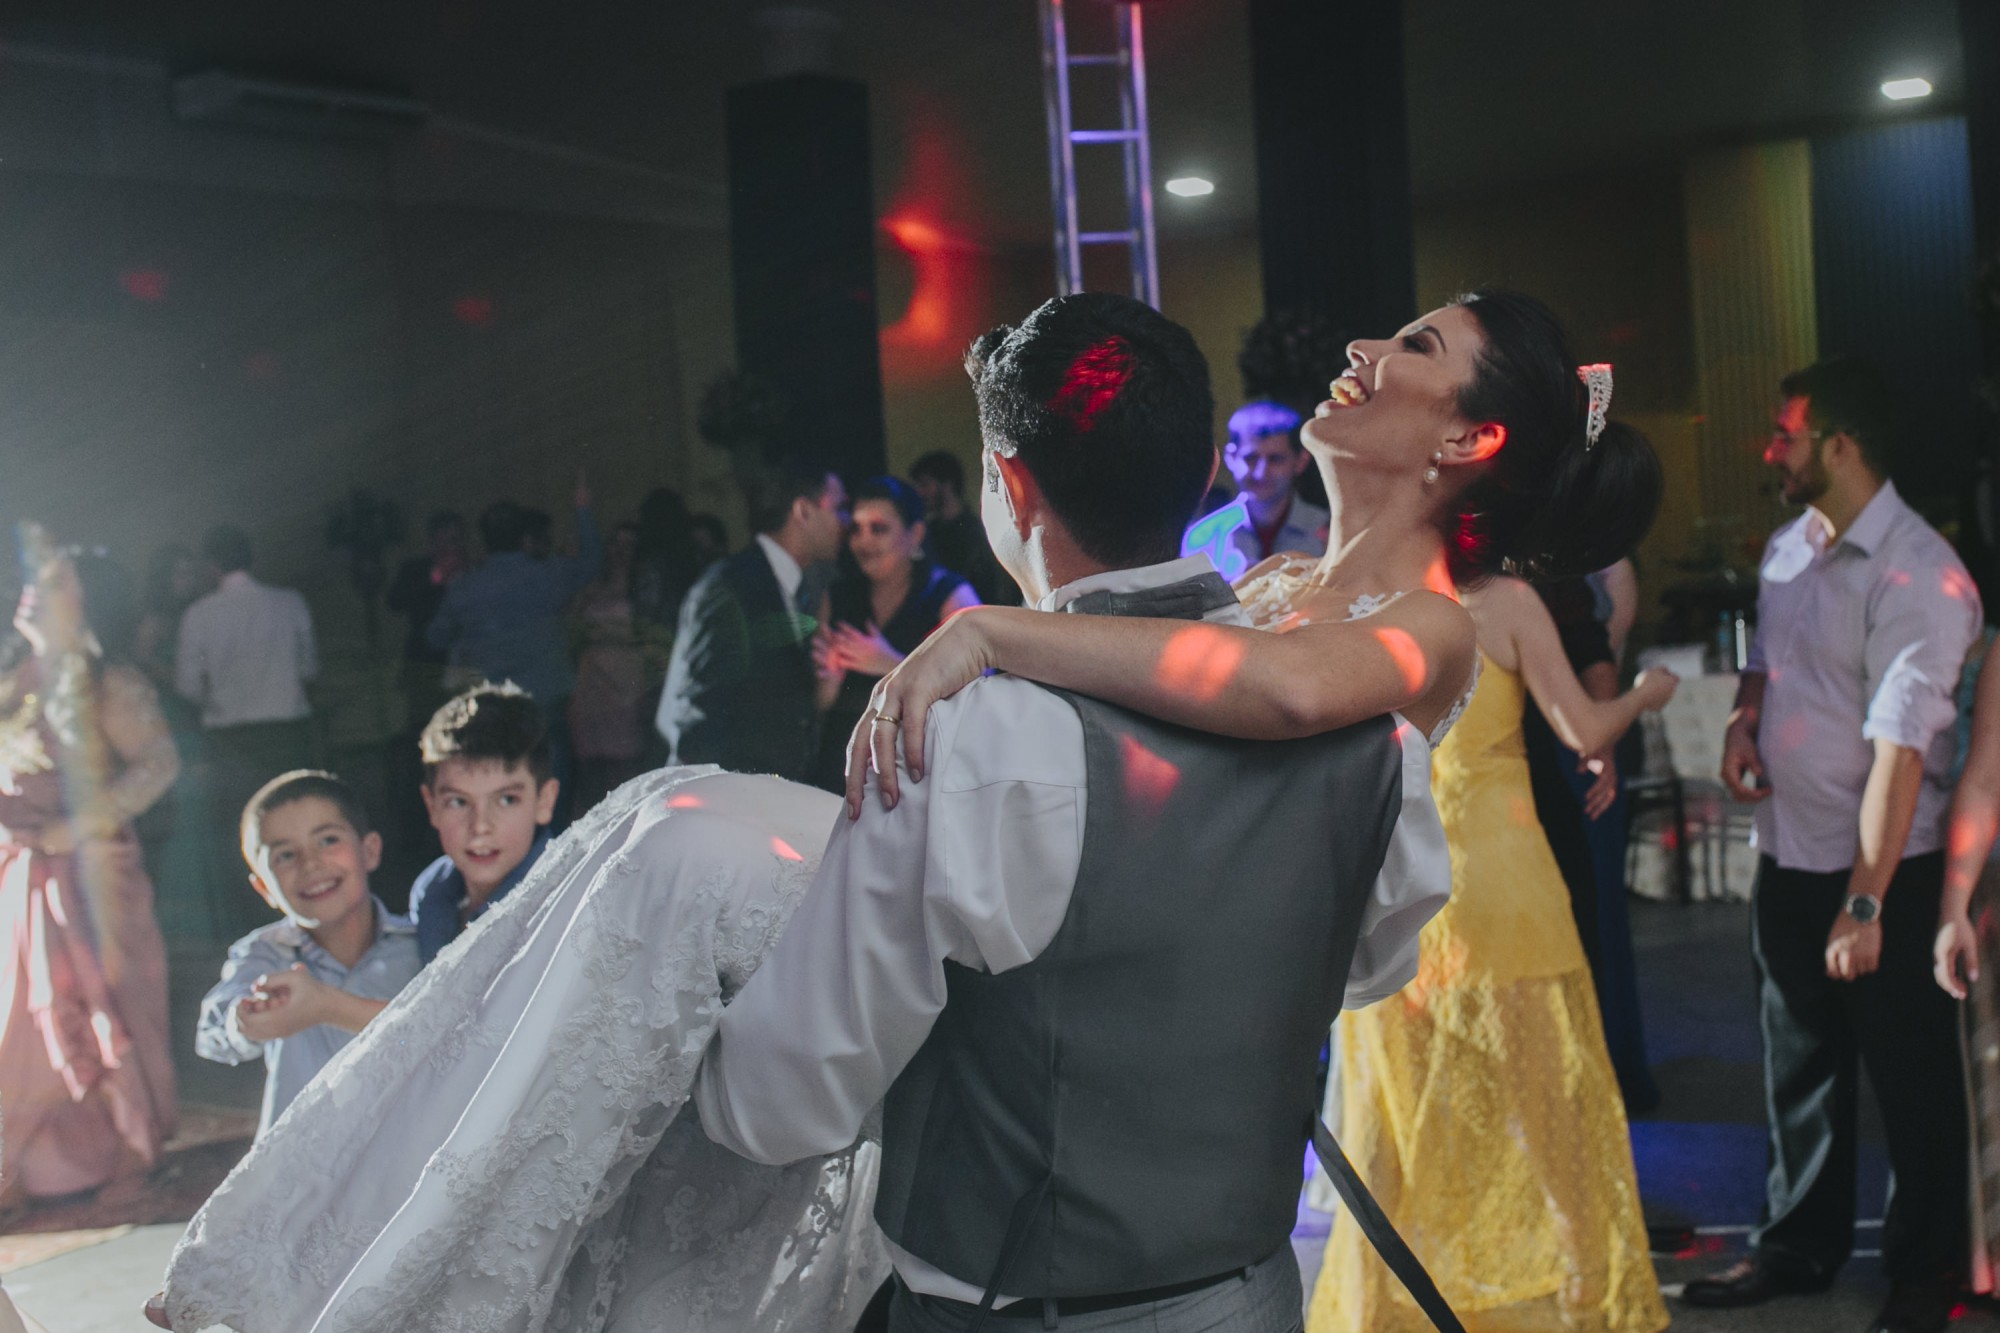 Casamento Camila Rampim e Rafael em Terra Roxa - Paraná - por Lorran Souza e Léia Sotile - fotografos de casamentos - 91